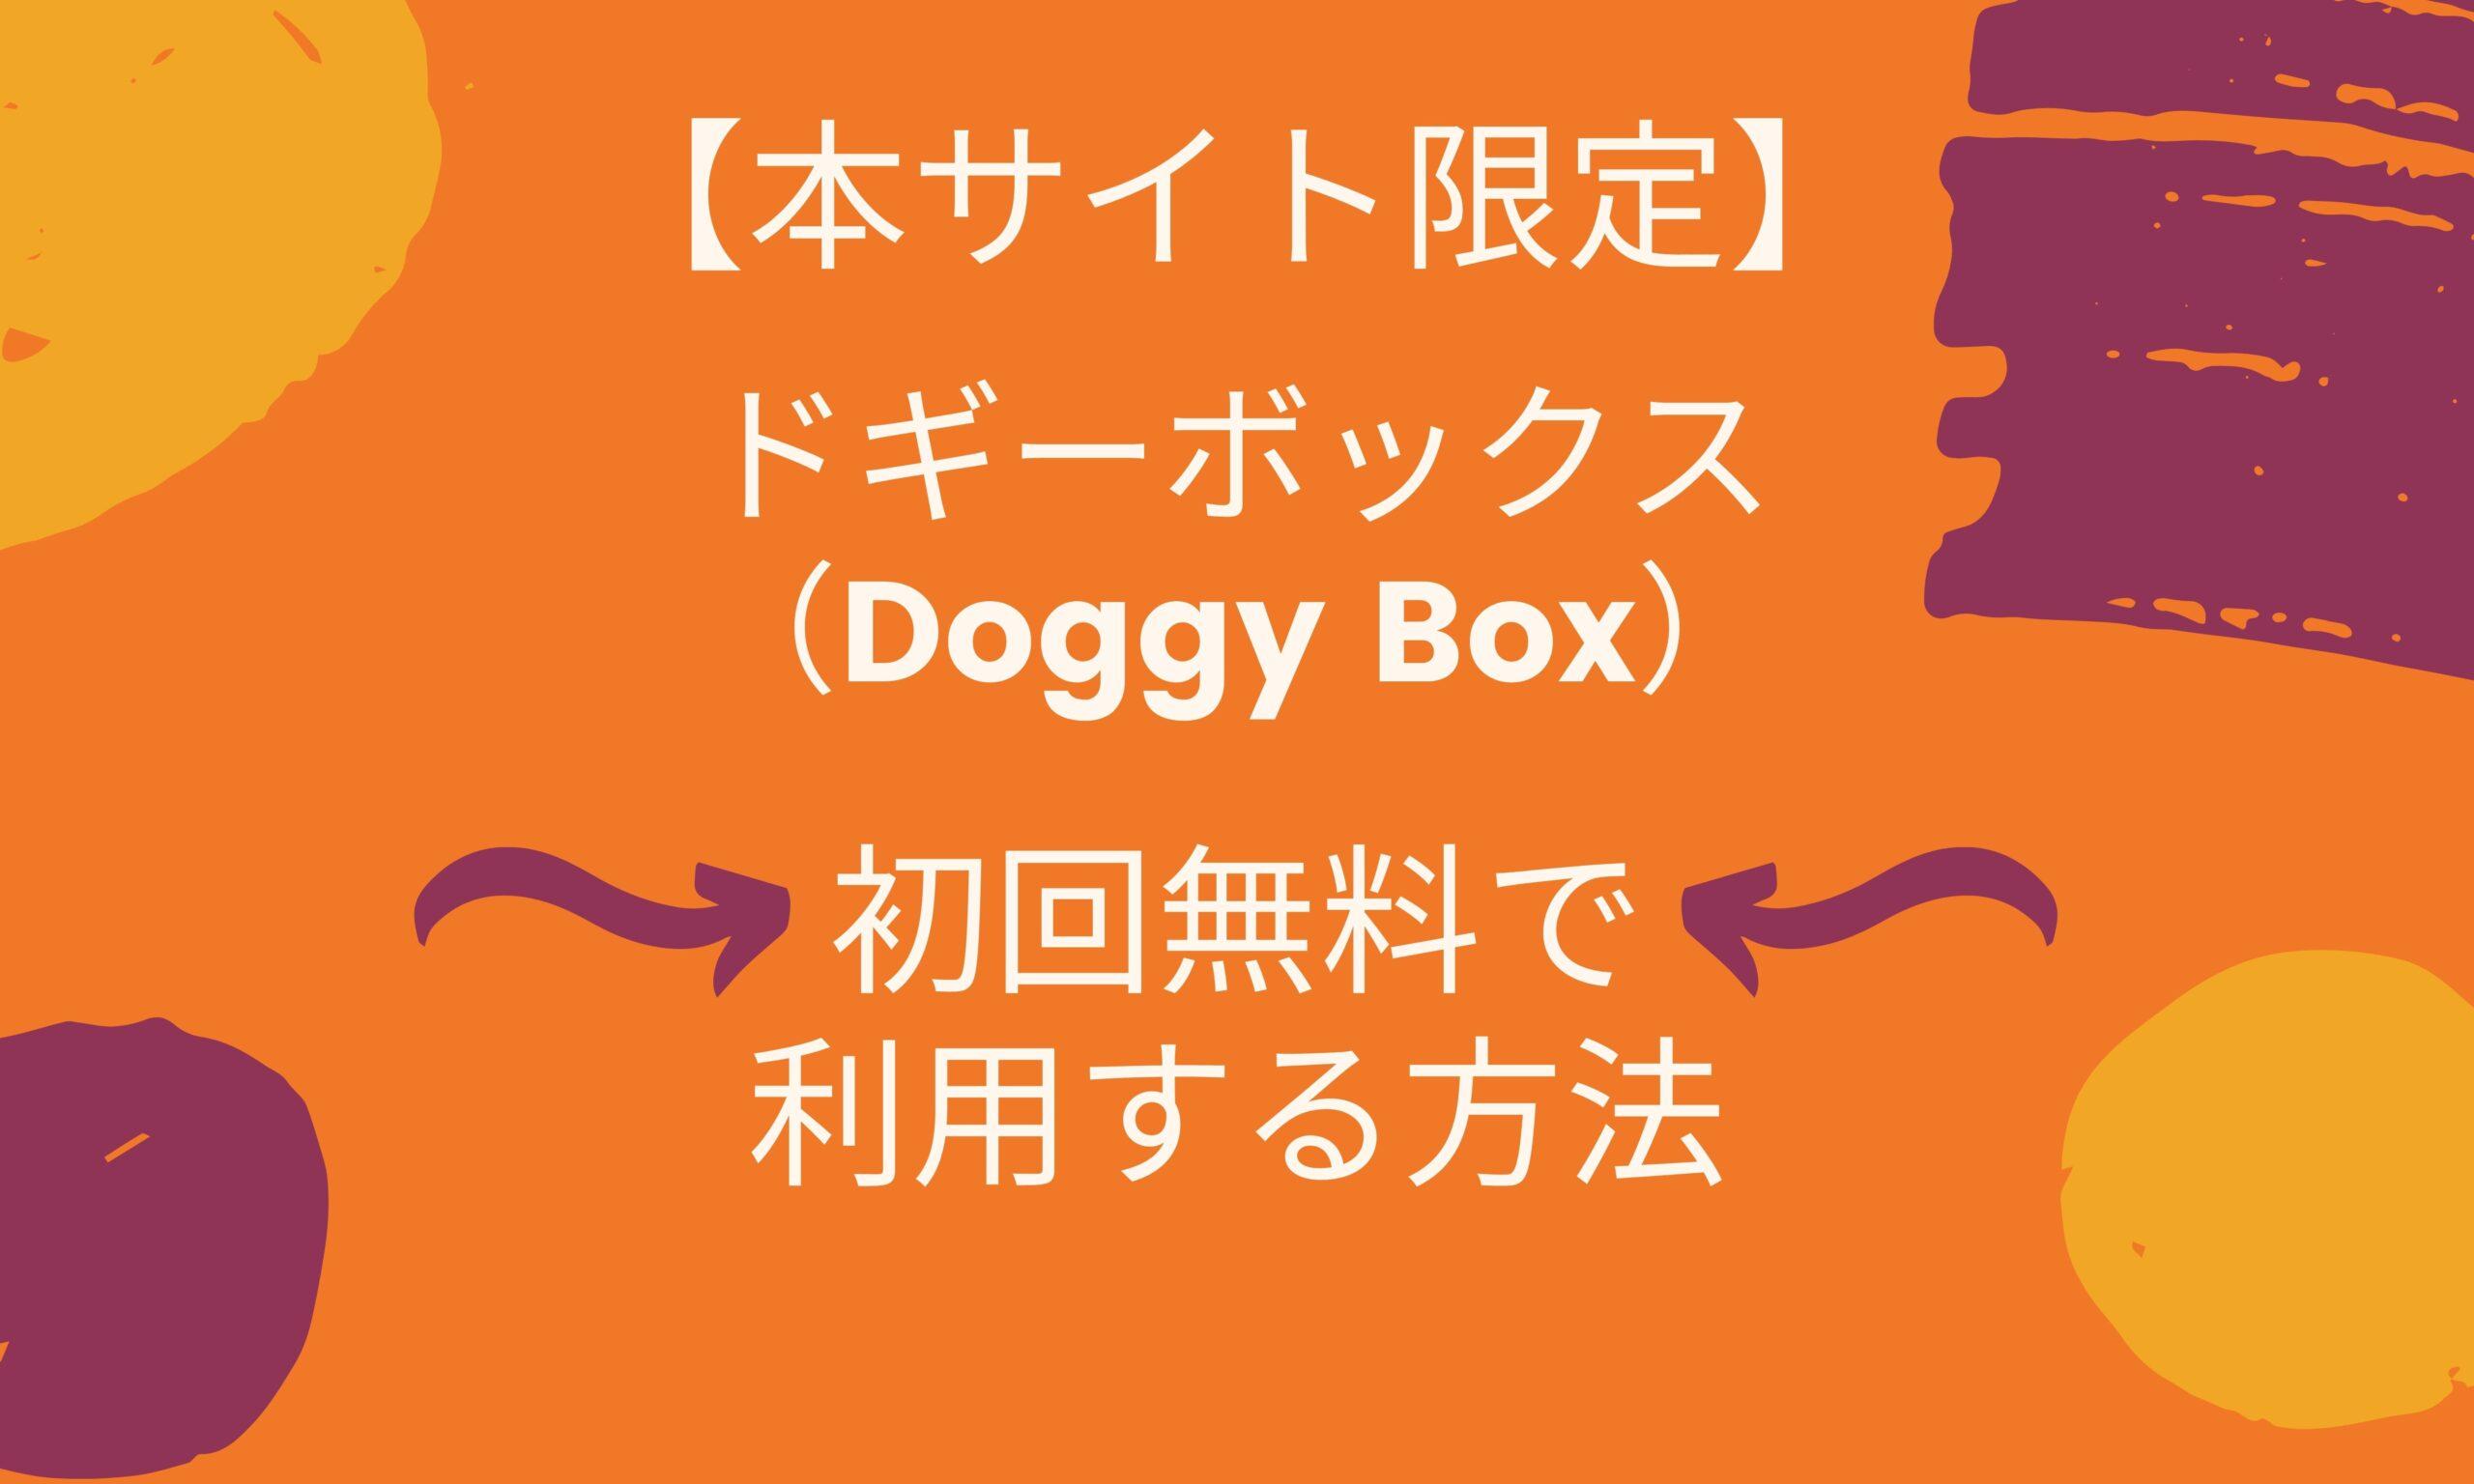 ドギーボックス (Doggy Box) 初回無料で 利用する方法